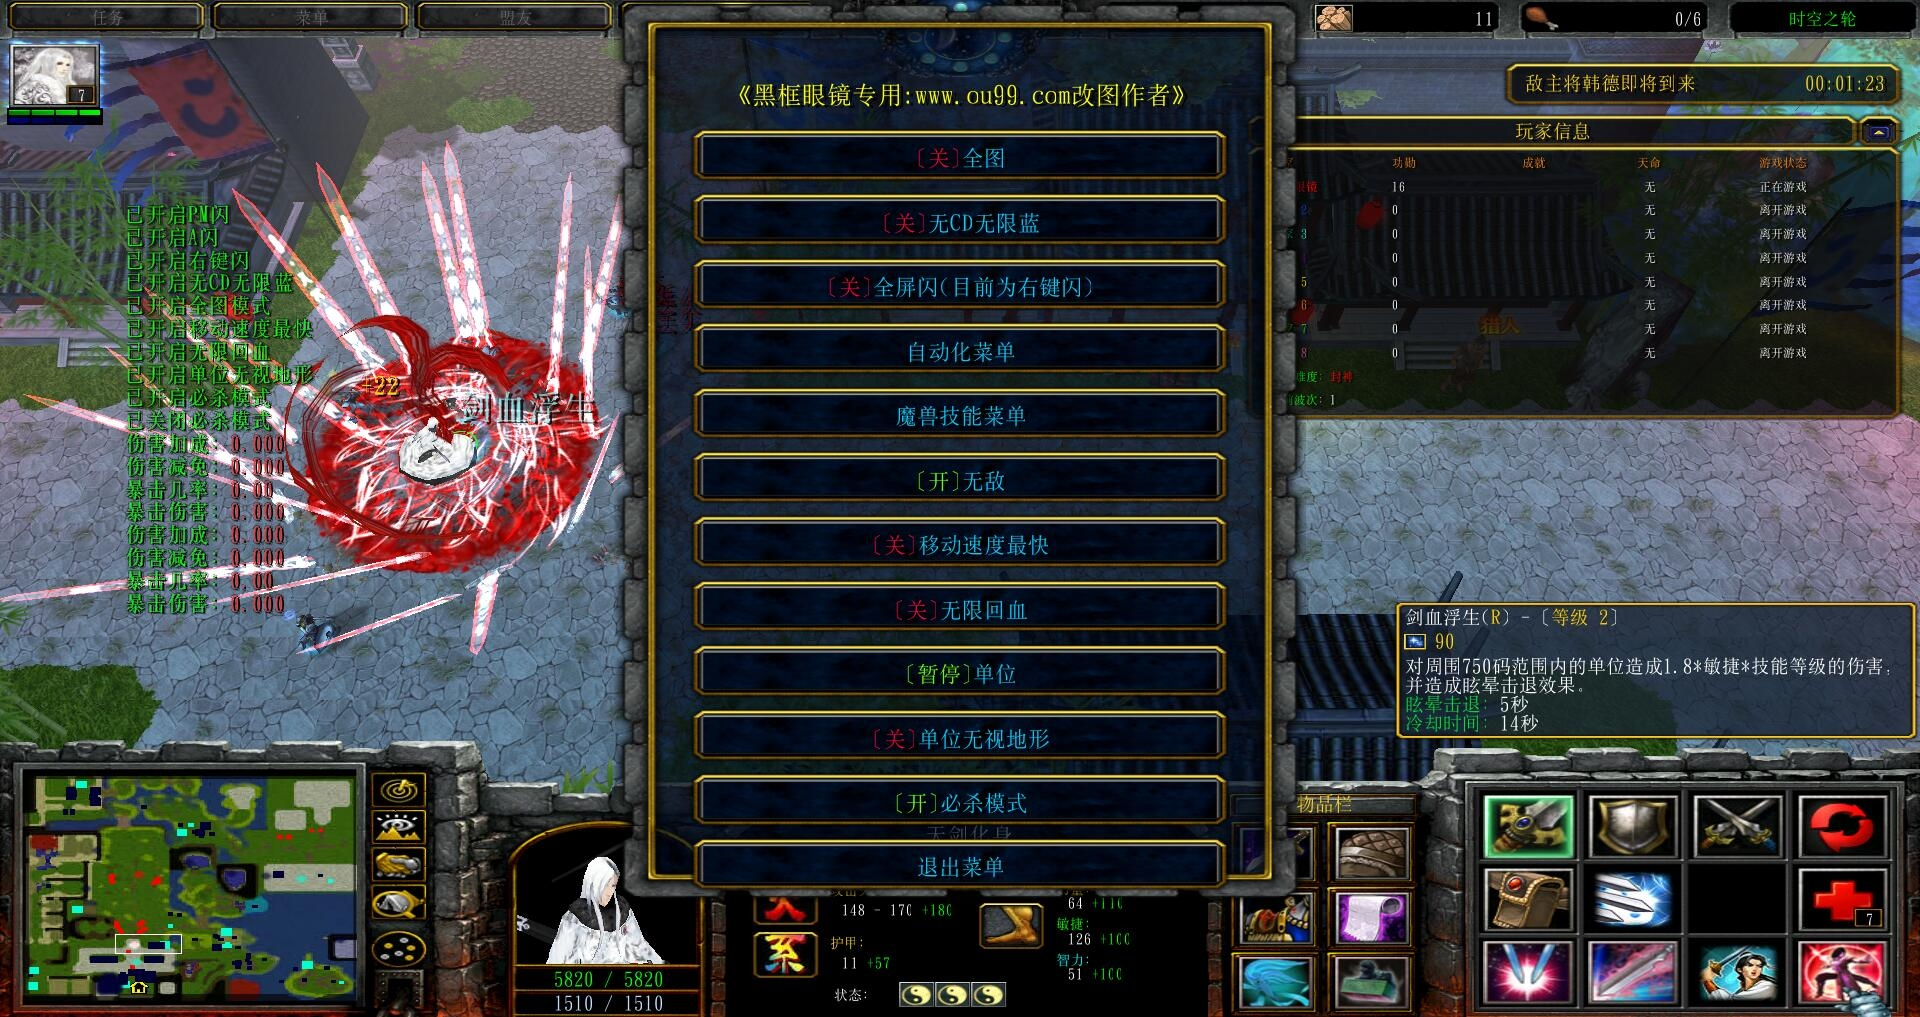 守衛劍閣-時空之輪2.09黑式破解 全限定英雄+特改禮包+無CD全屏閃+去除裝備限制